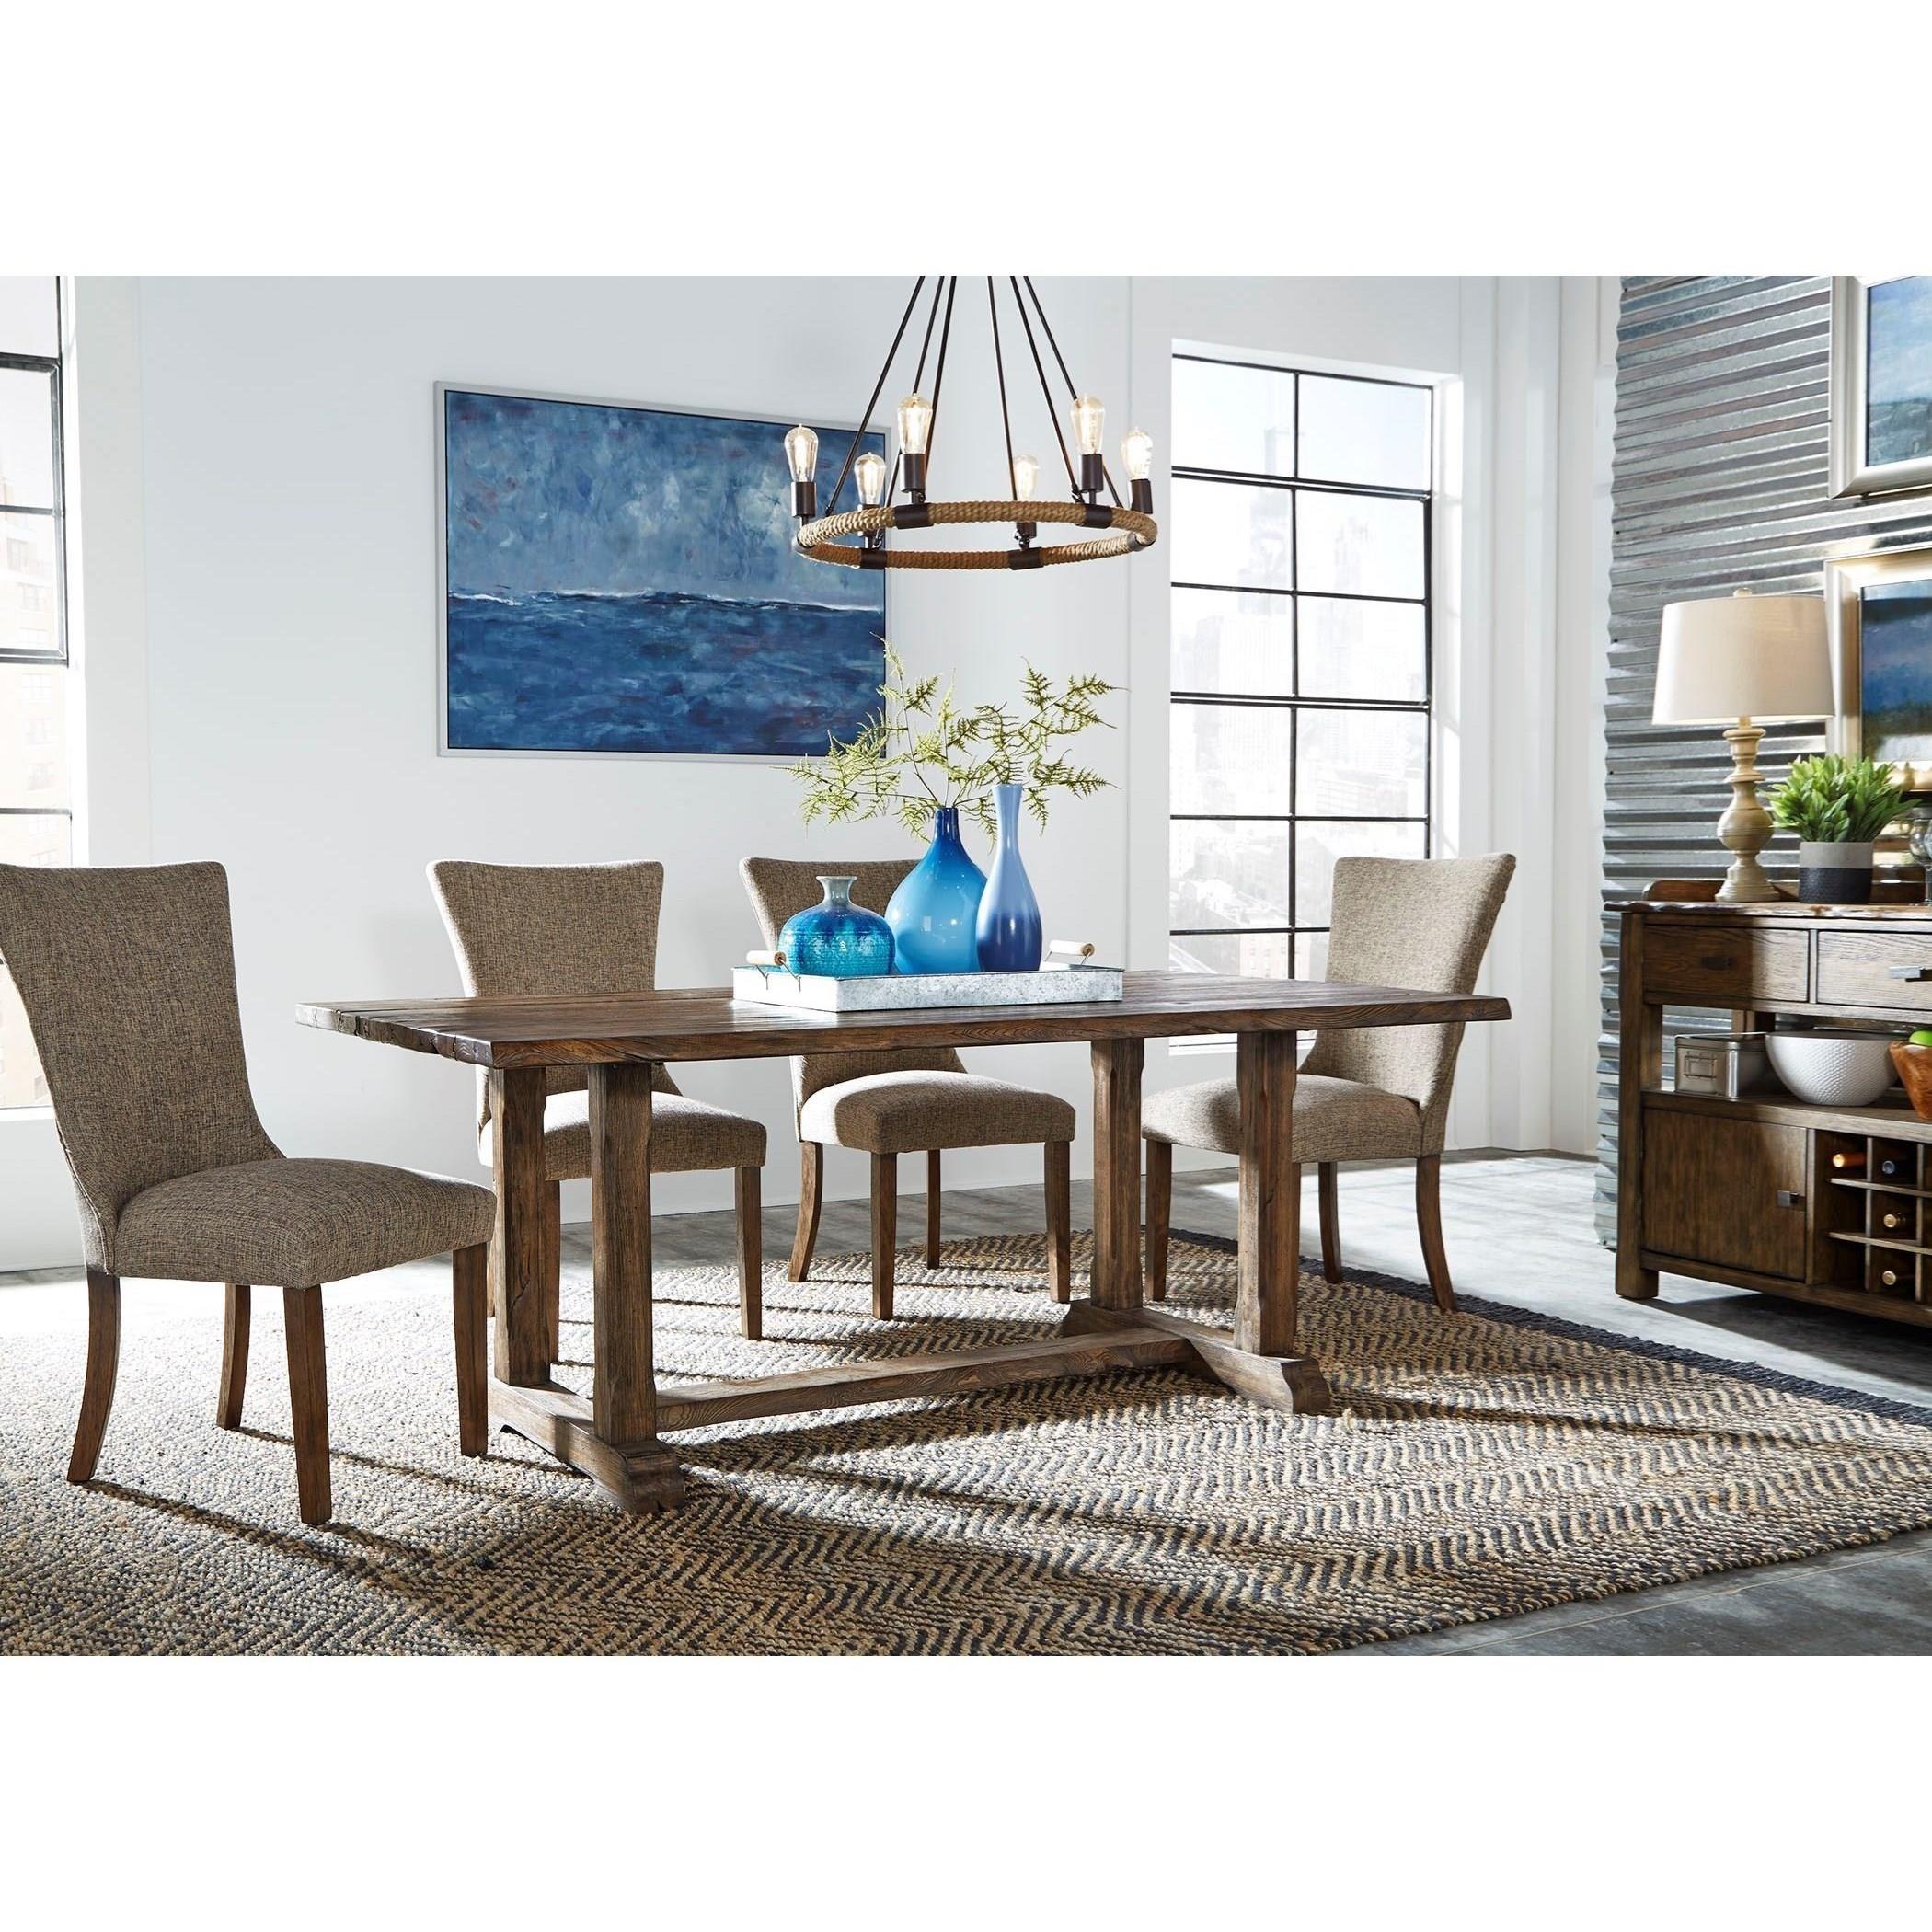 Liberty Furniture Havenbrook 5 Piece Trestle Dining Set  - Item Number: 262-CD-5TRS